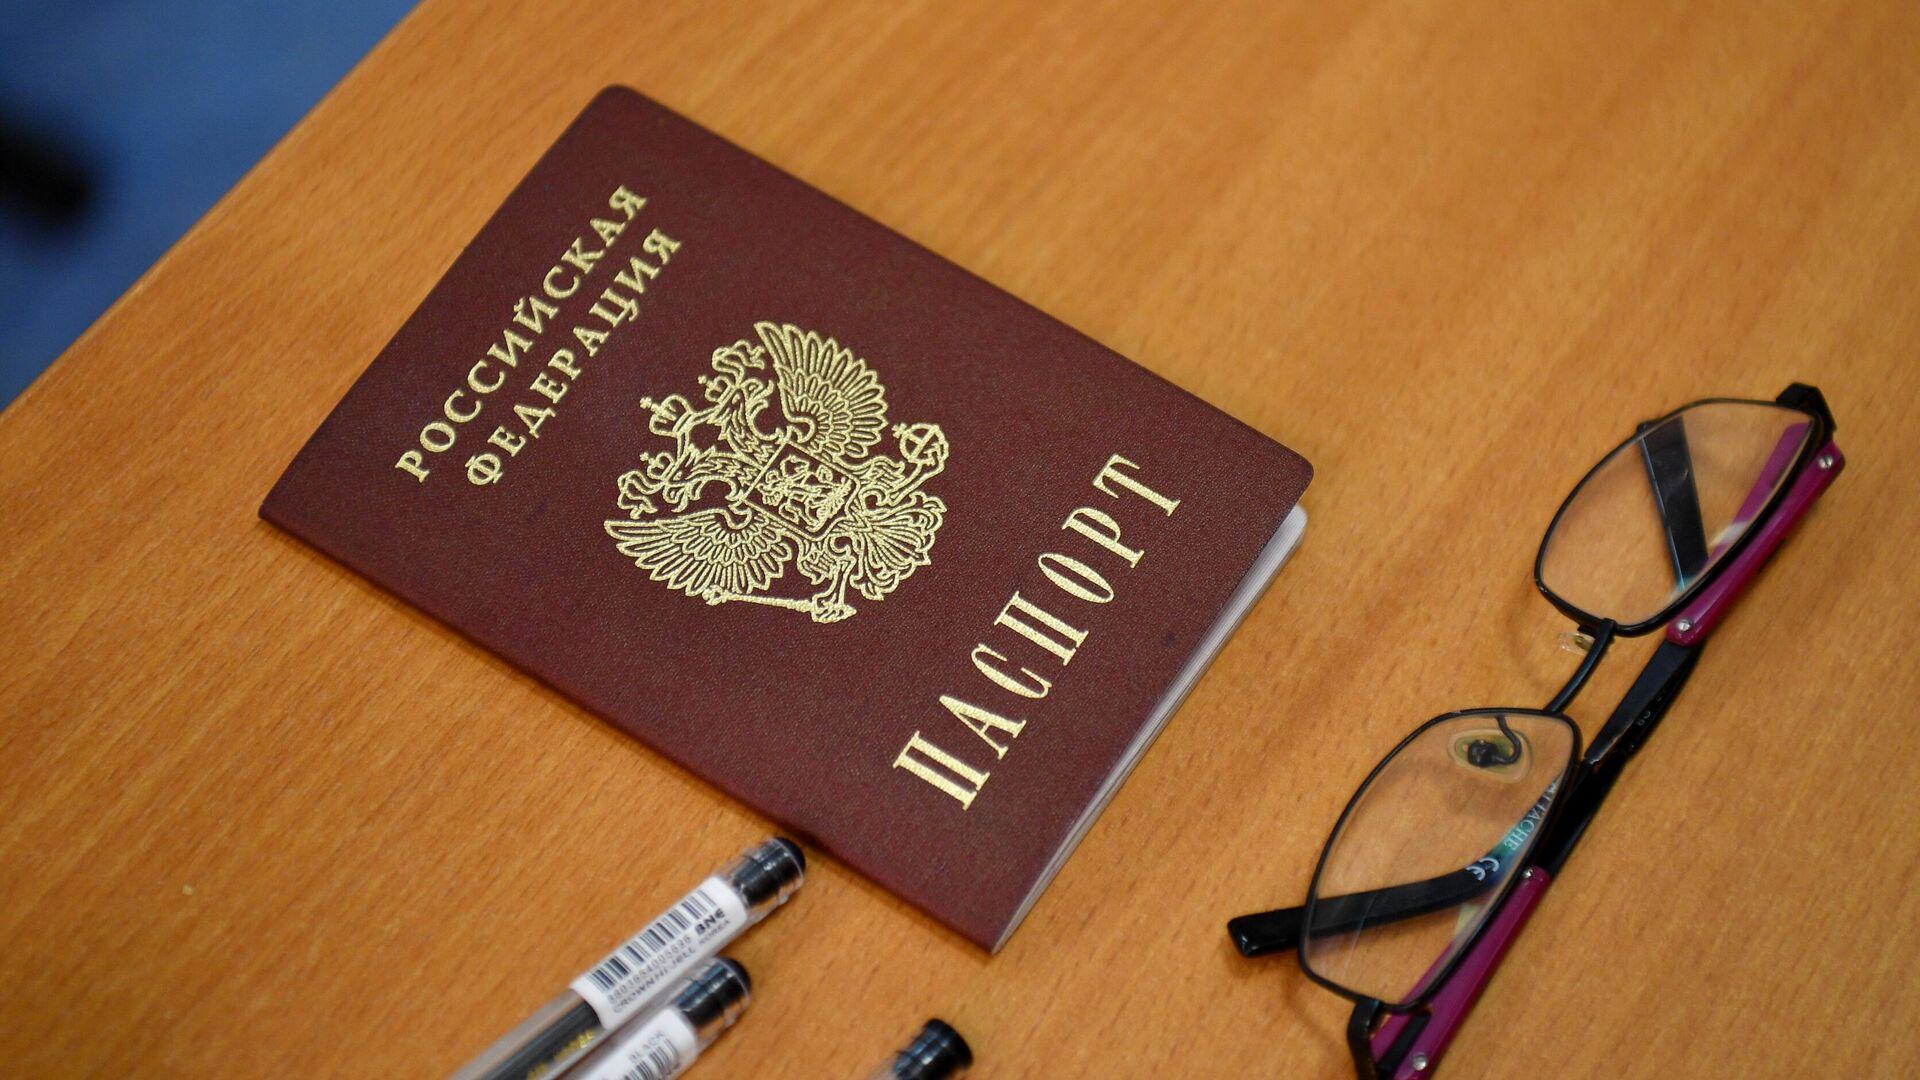 Паспорт ученика во время государственного выпускного экзамена - РИА Новости, 1920, 21.06.2021